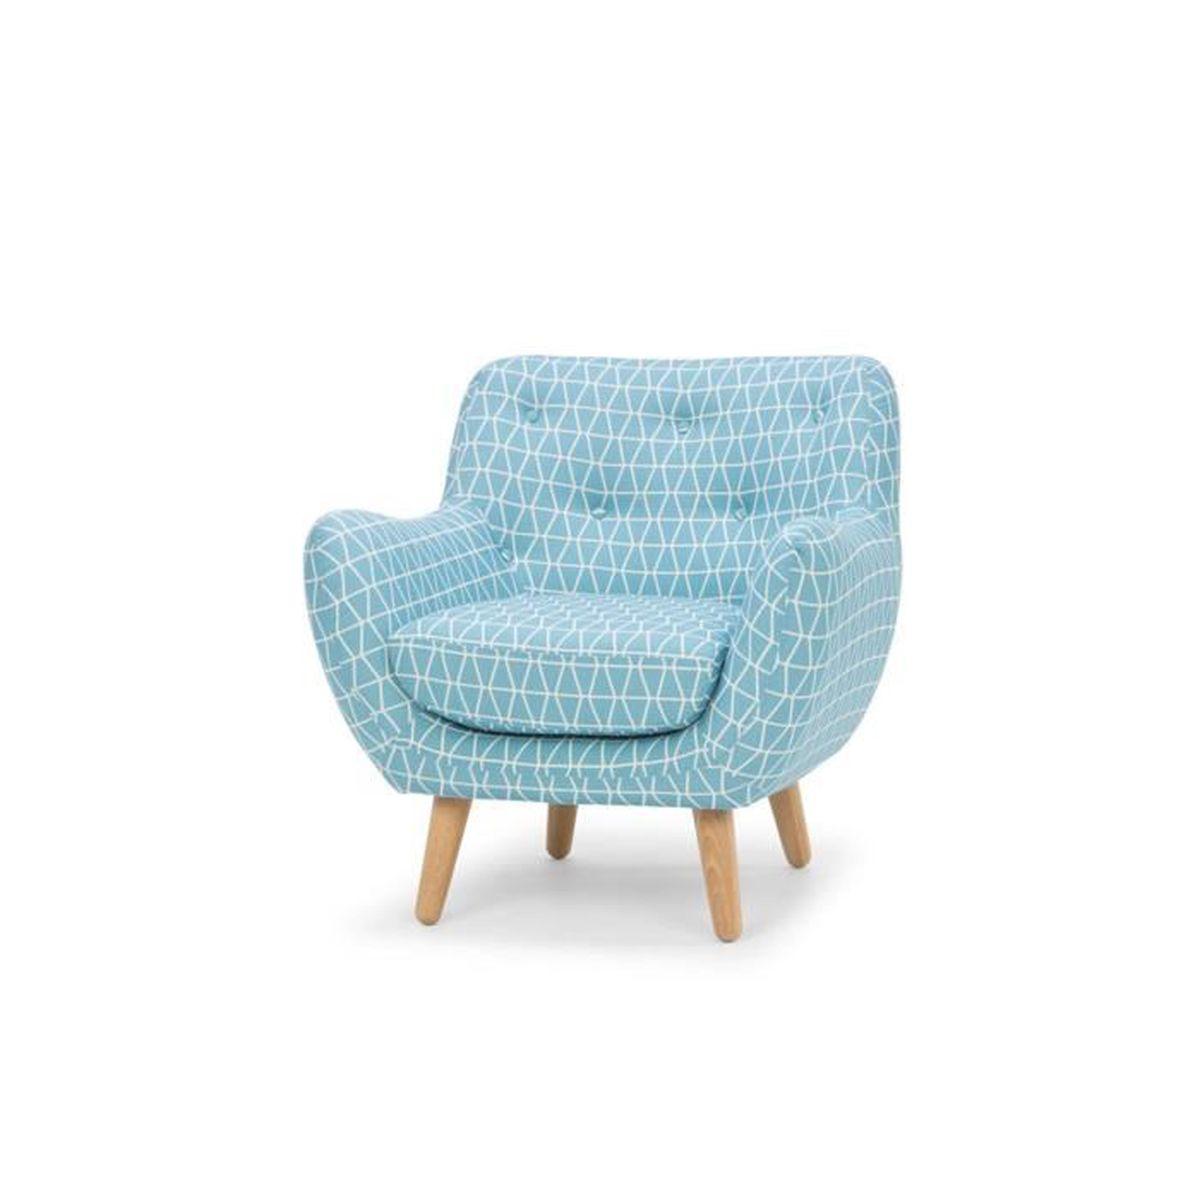 Poppy Meuble Fauteuil Esprit Scandinave à Motifs Bleus Achat - Meuble fauteuil